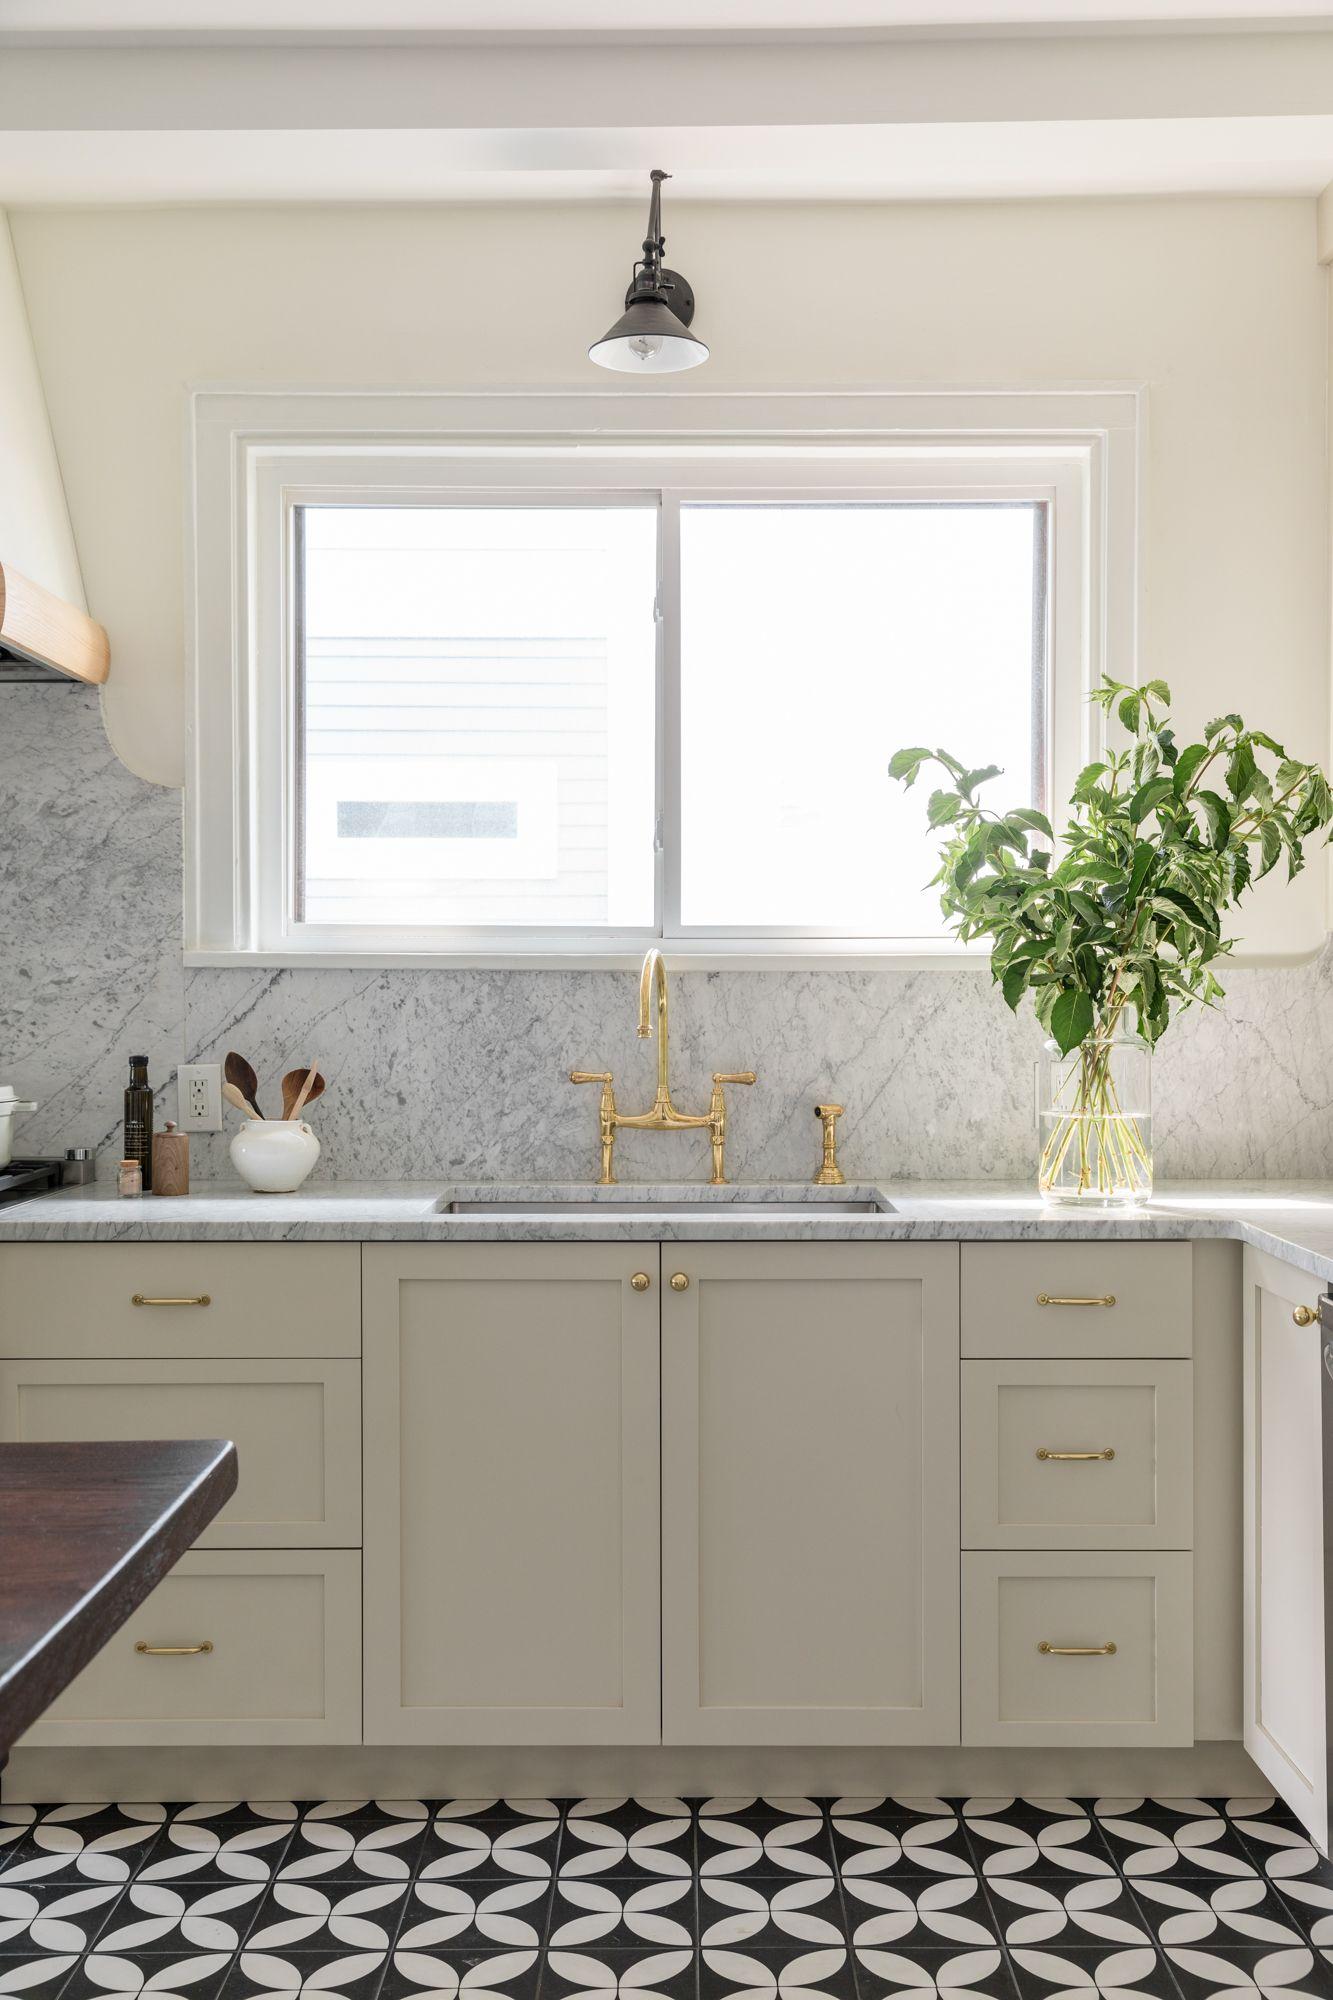 Vintage Inspired Kitchen Design With A Timeless Twist Kitchen Inspiration Design Kitchen Renovation Kitchen Design